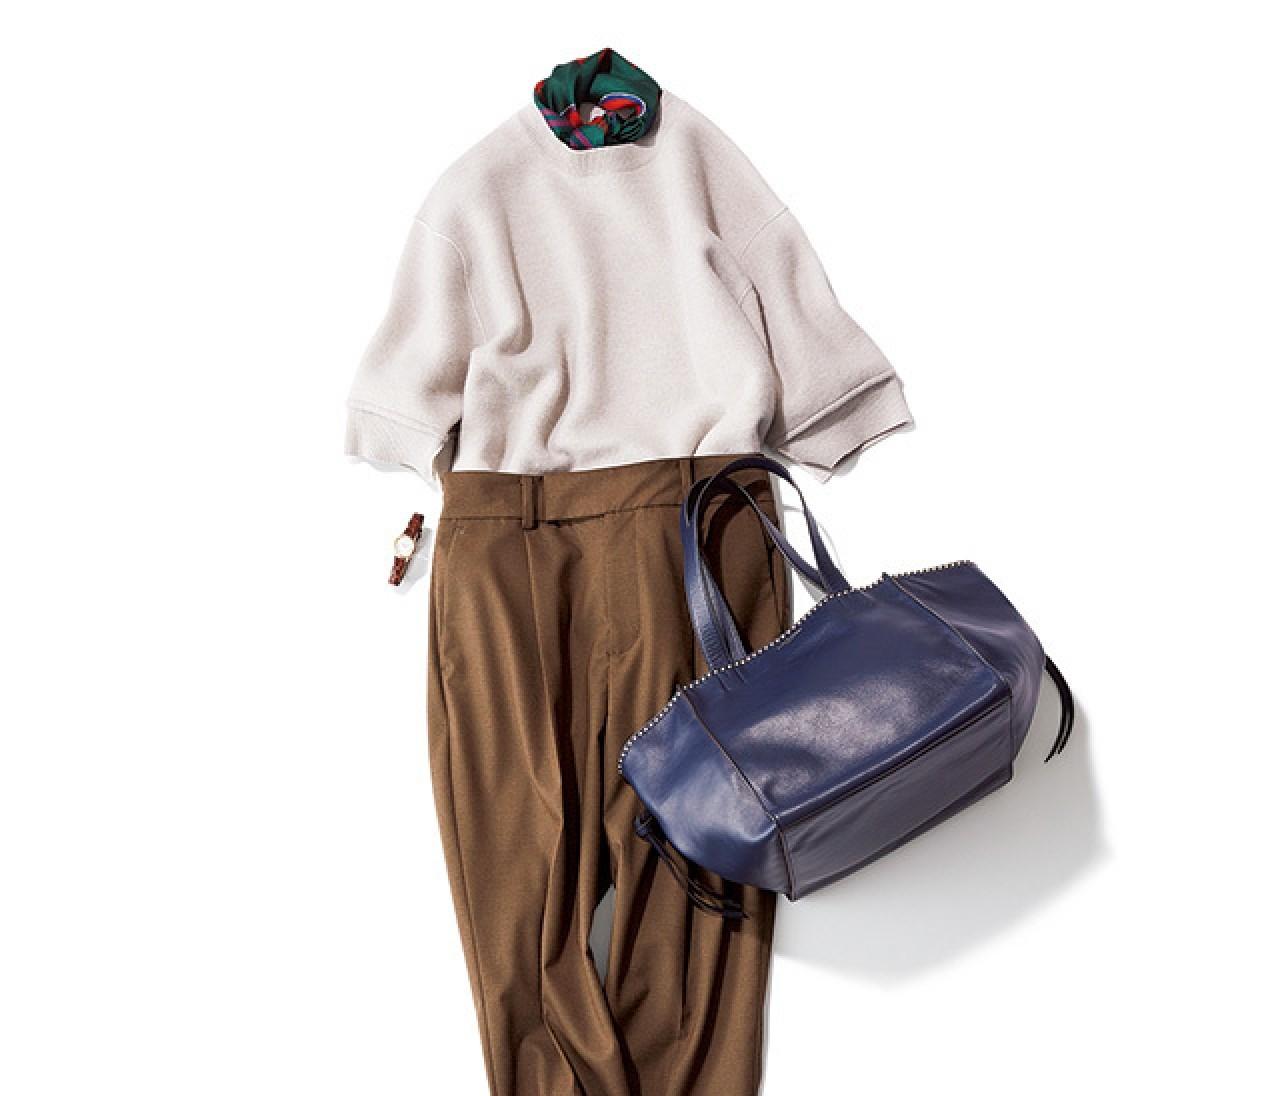 細身パンツ×ヒール靴の美脚コンビは、腰高バランスで秋バランスに